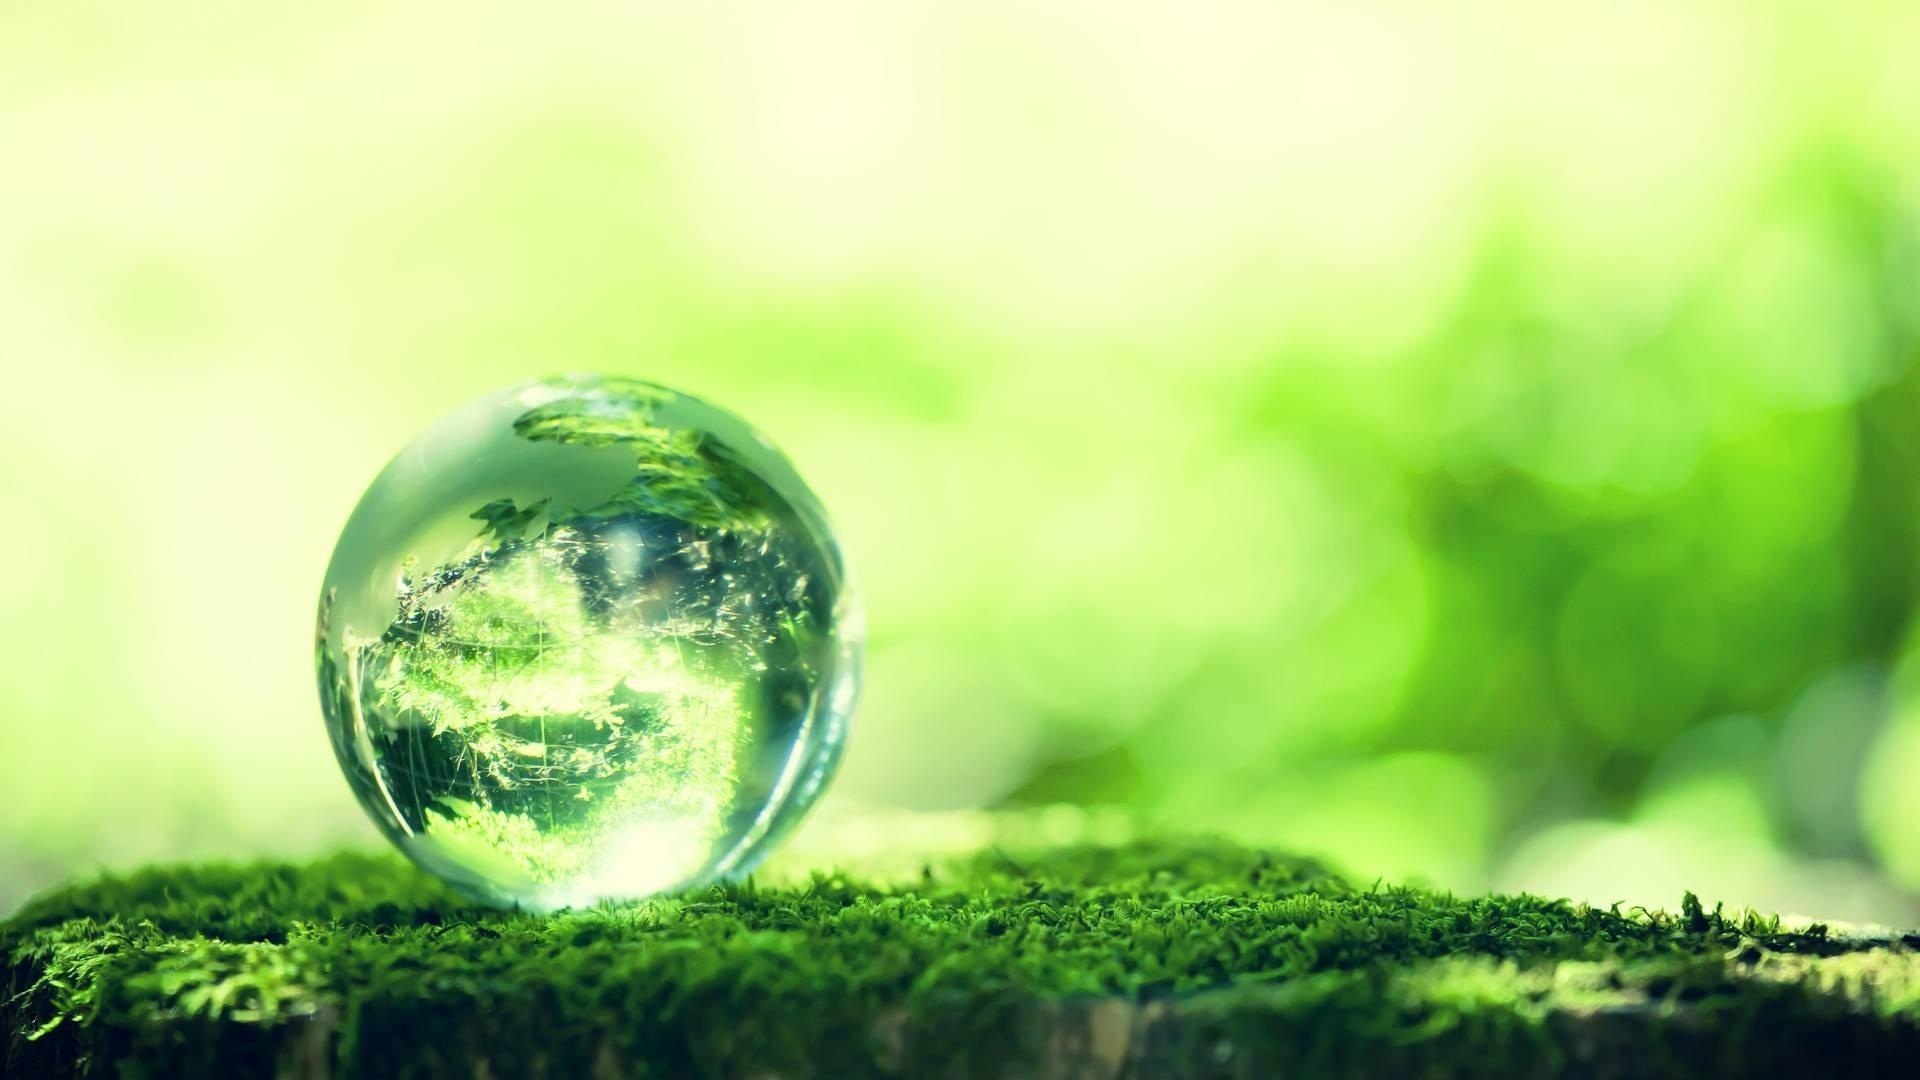 ユクスキュルの「マダニの環世界」は、聖徳太子の「仏教」を理解する第一歩です